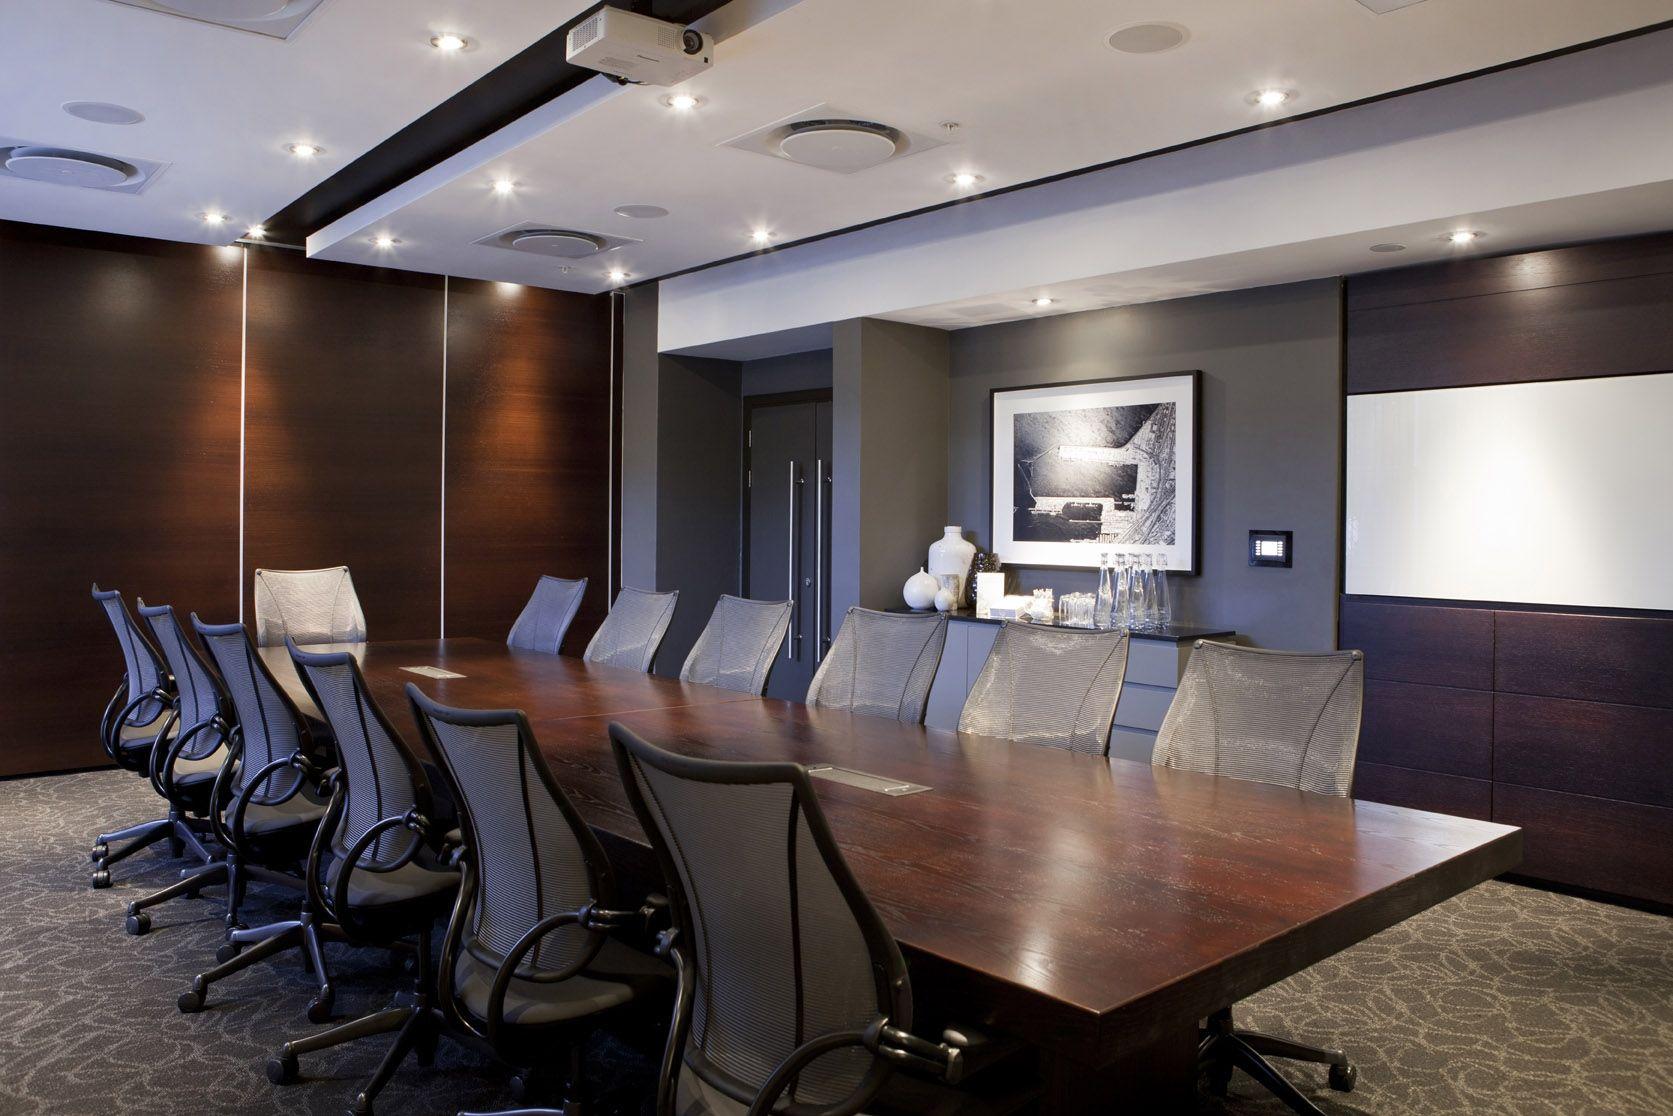 TheWestinmeetingroom1.jpg (1673×1116) Conference room